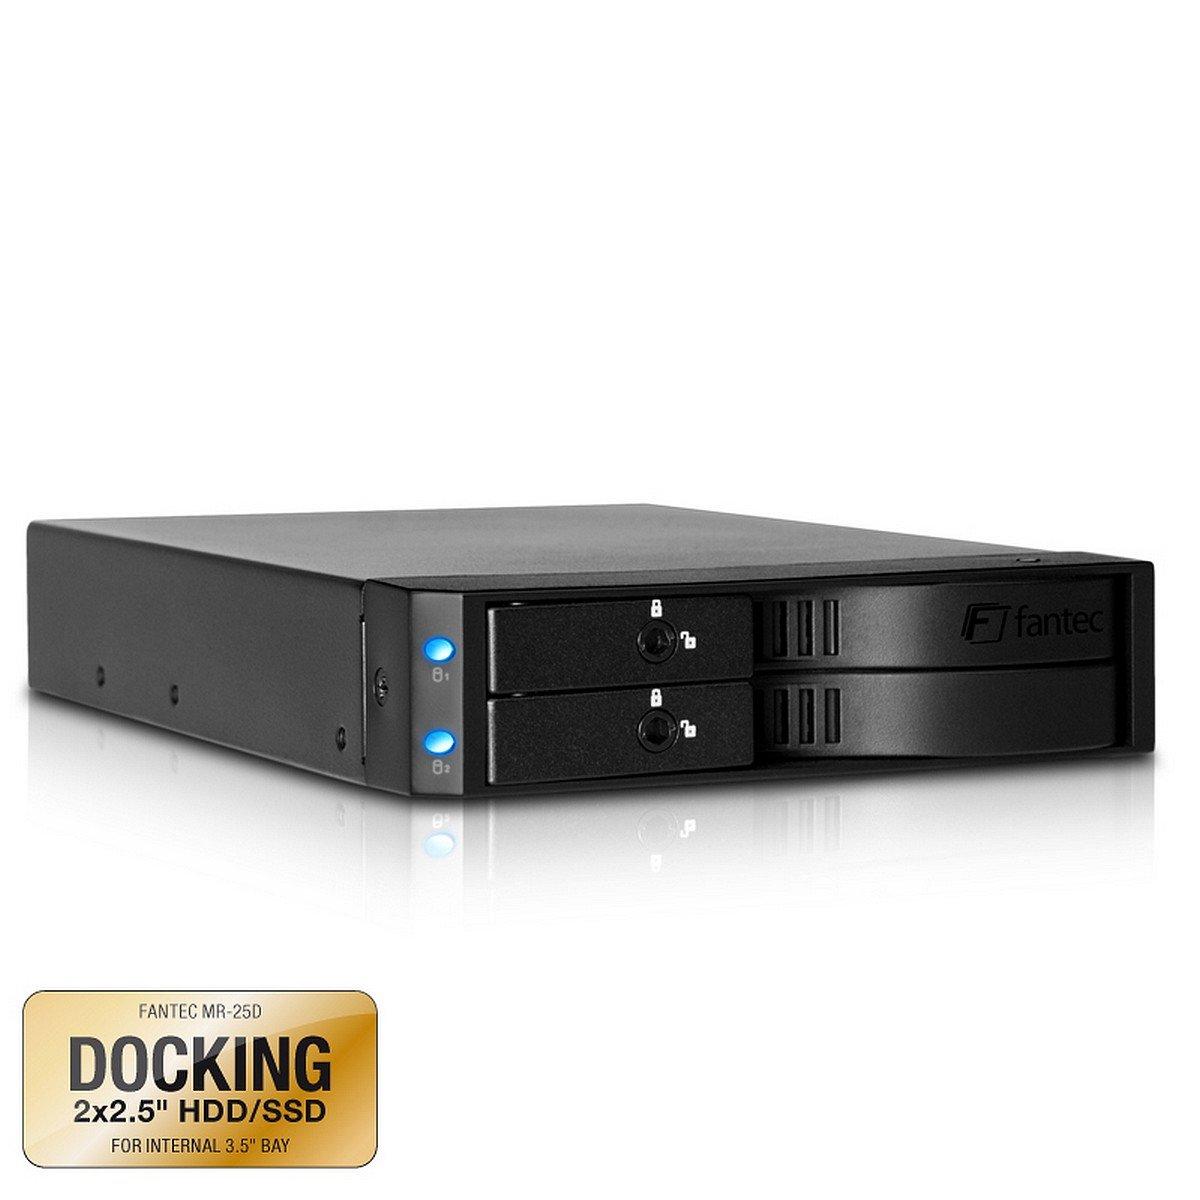 FANTEC MR-25D Bahí a de intercambio para 2 discos duros SATA I/II/III de 6.35 cm (2.5'') y SSD, para montar en una ranura de 8,89 cm (3.5''), negro FANTEC MR-25D Bahía de intercambio para 2 discos duros SATA I/II/III de 6.35 cm (2.5' ' ) y S